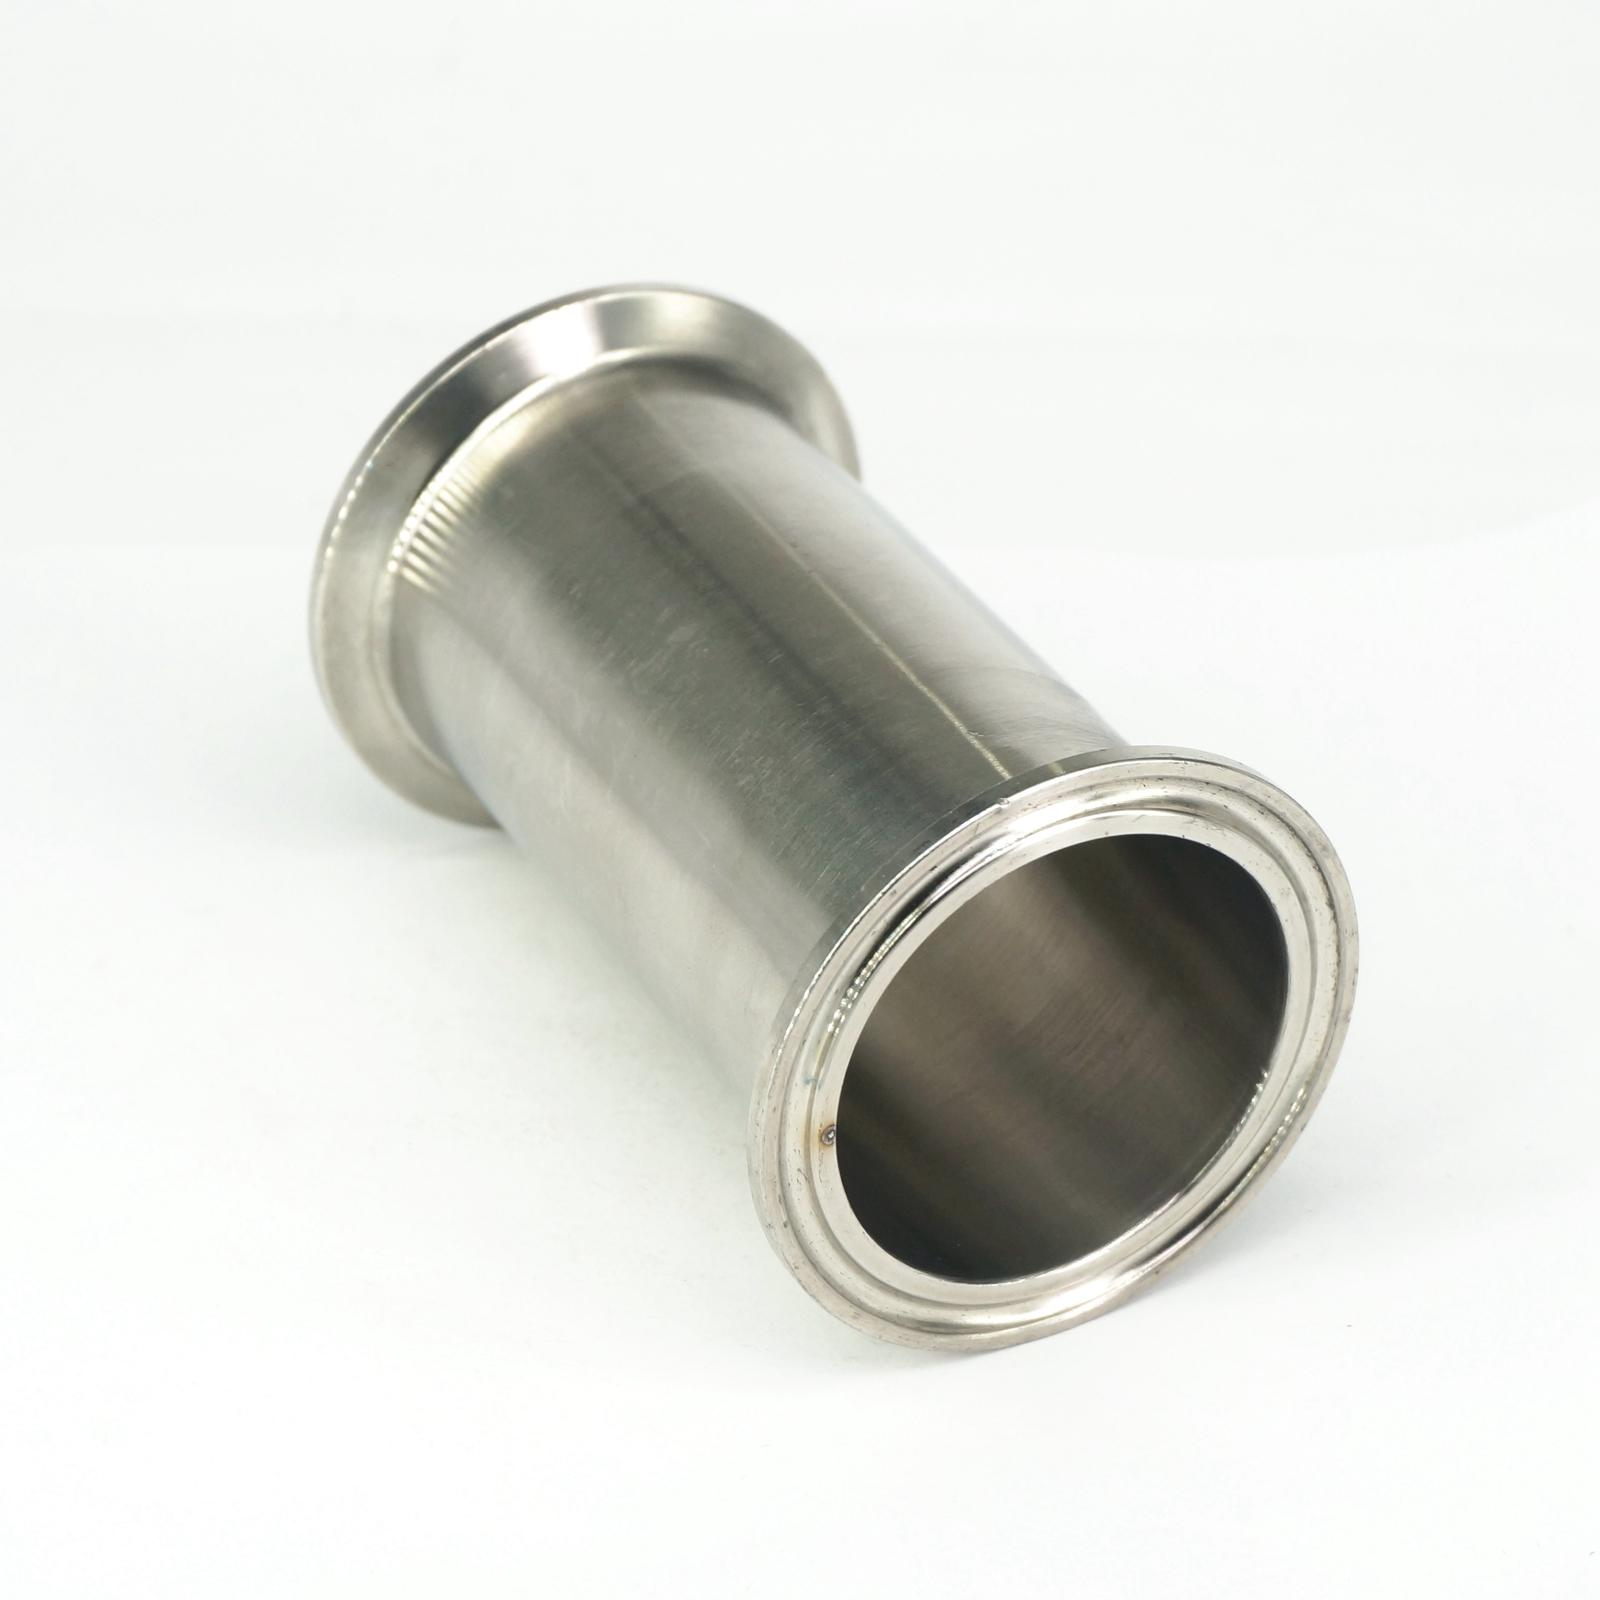 2 Tri Clamp x 51mm OD Tuyau Sanitaire Bobine Tube Longueur 102mm (4) Pour Homebrew SUS304 En Acier Inoxydable